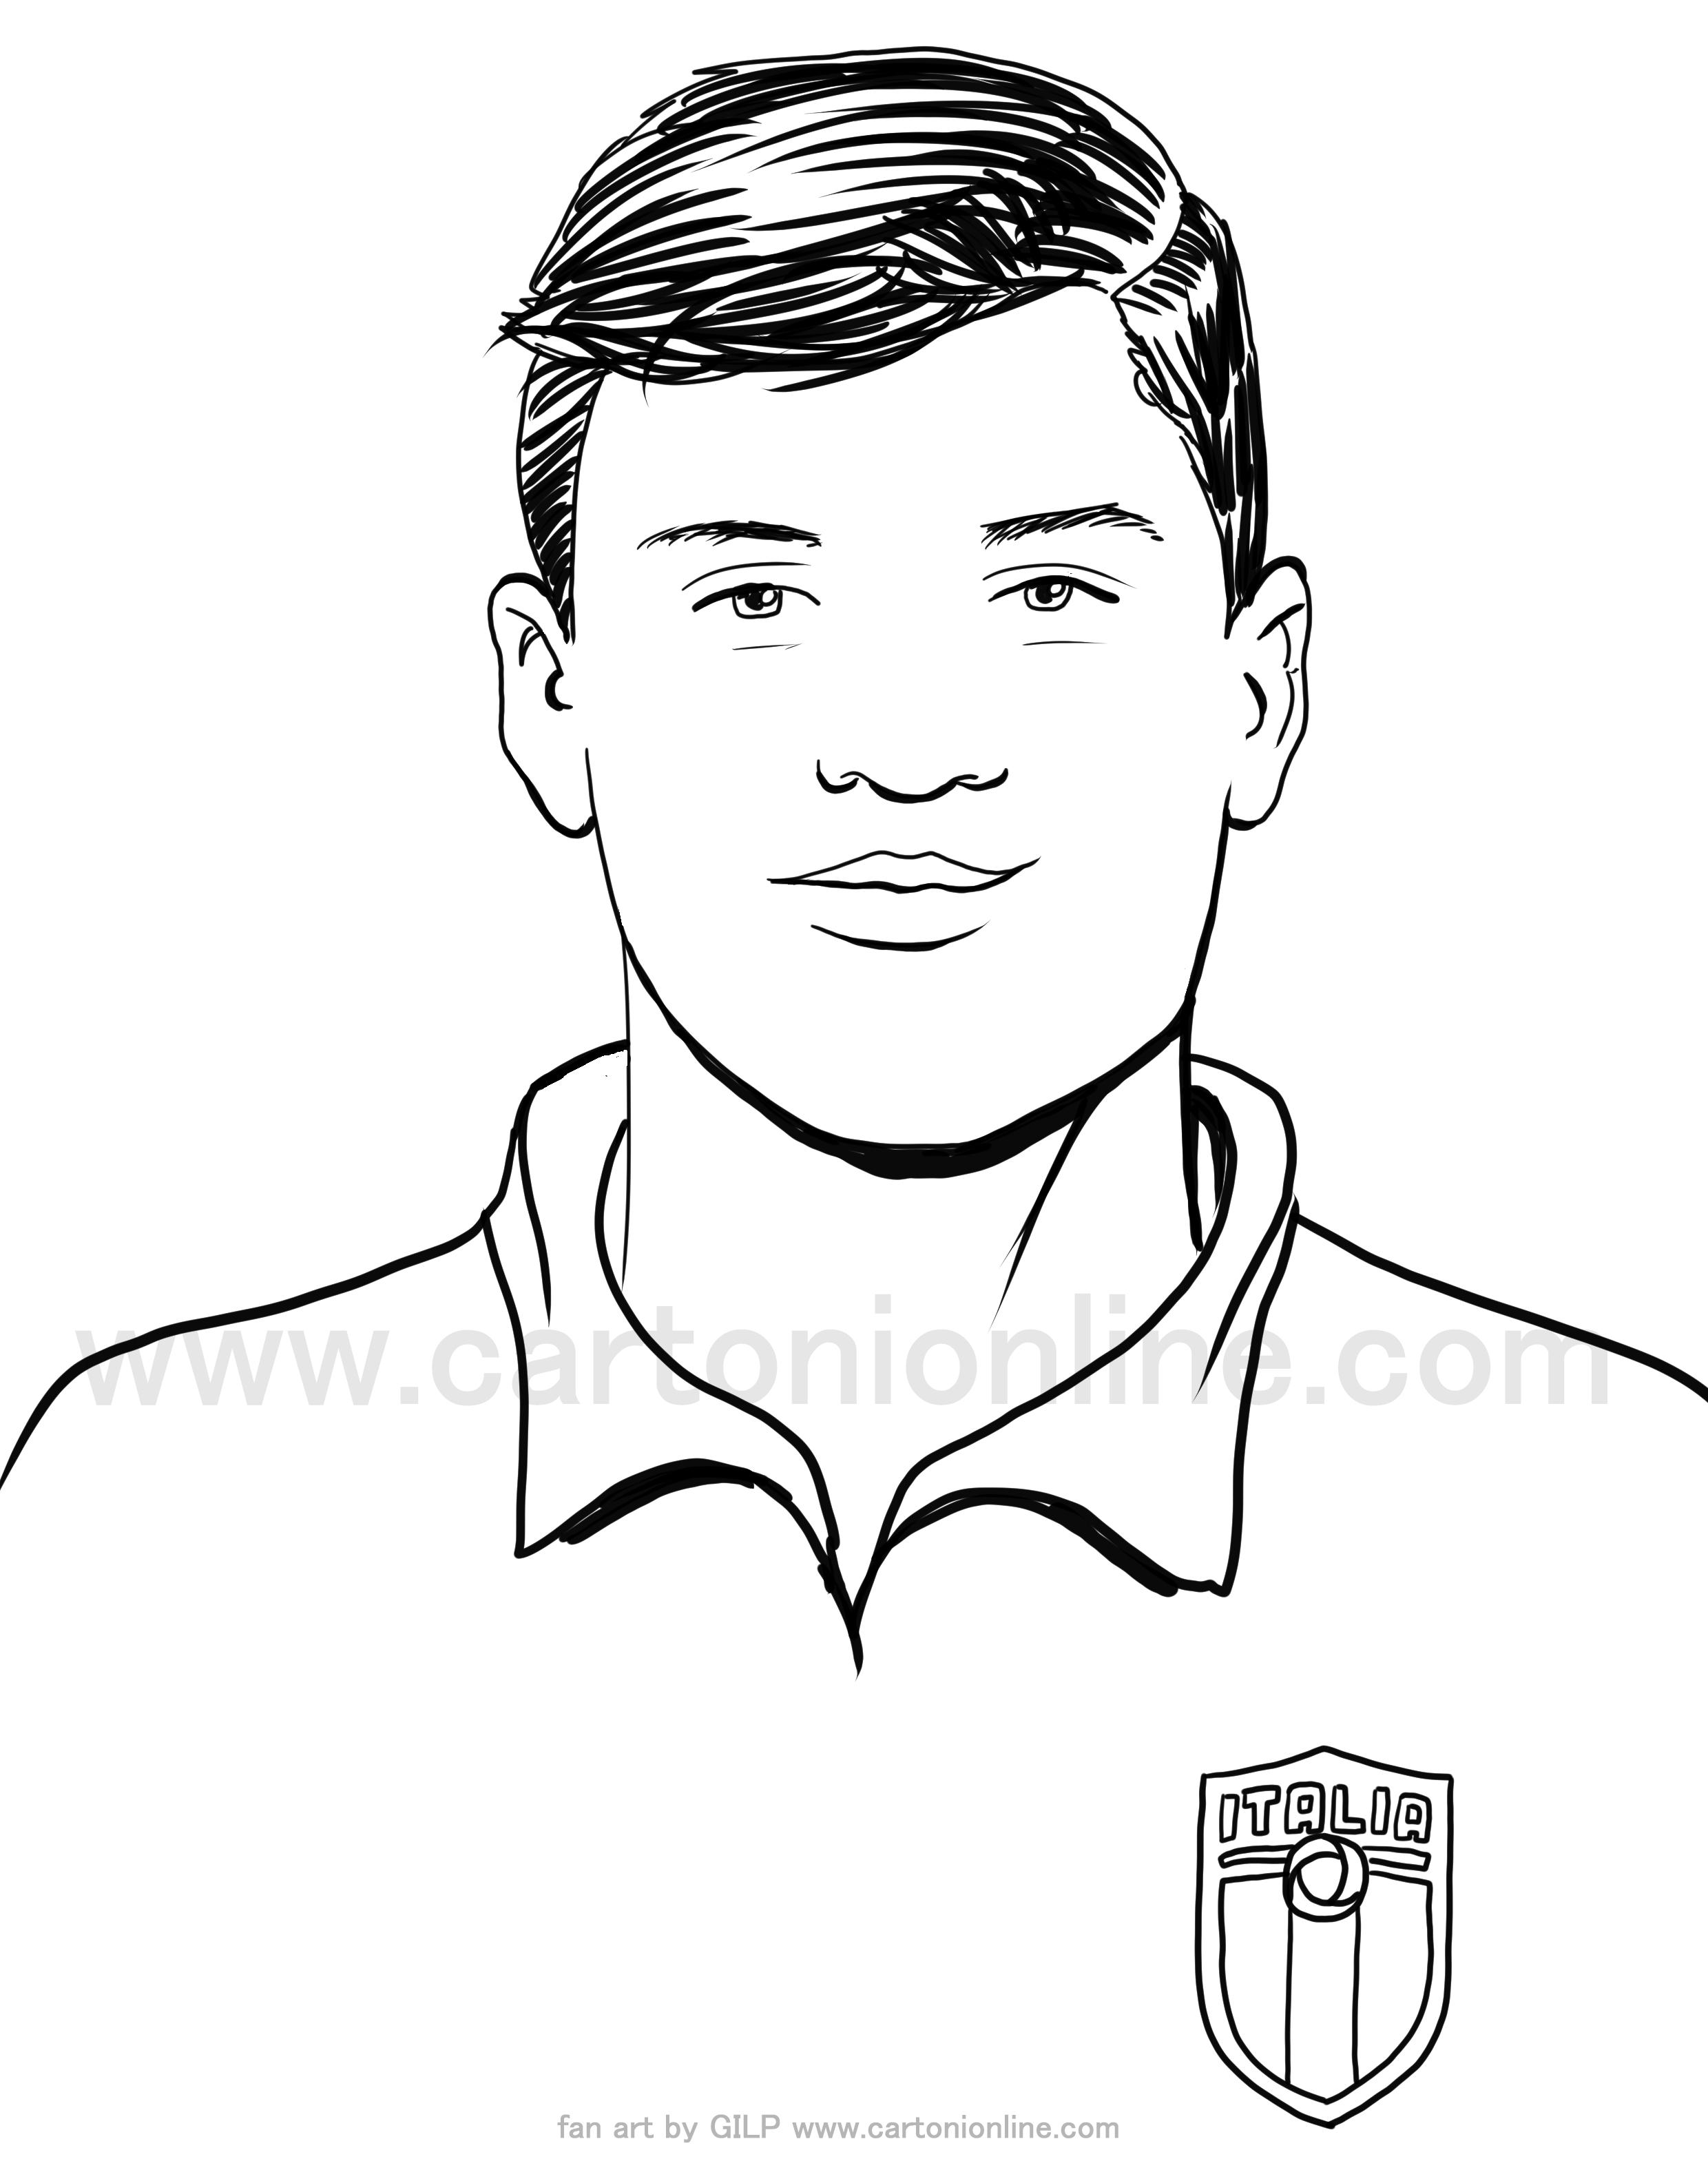 Desenho de Nicolò Barella de jogadores de futebol da itália para imprimir e colorir